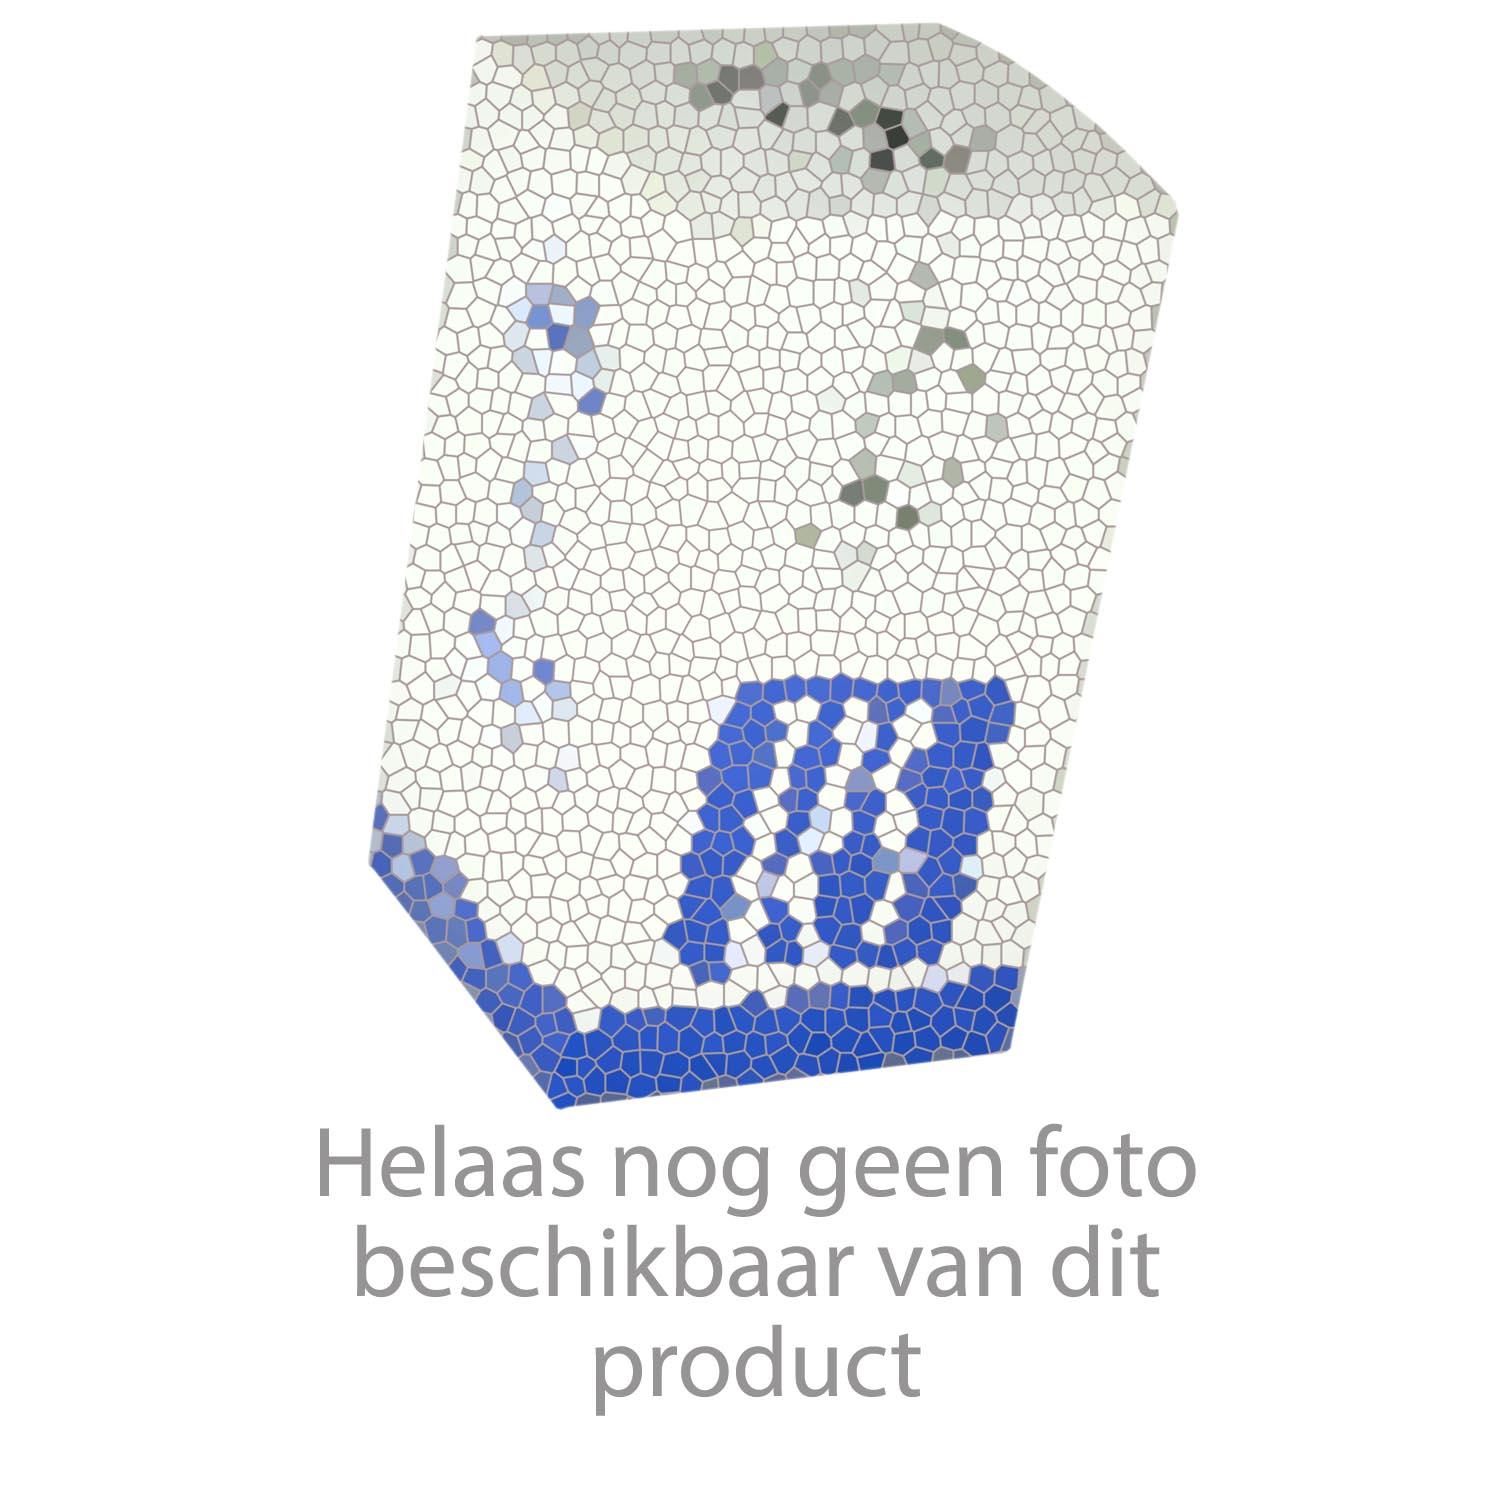 Vola Inbouwthermostaatkraan met omstel, handdouche en regendouche. Geborsteld RVS